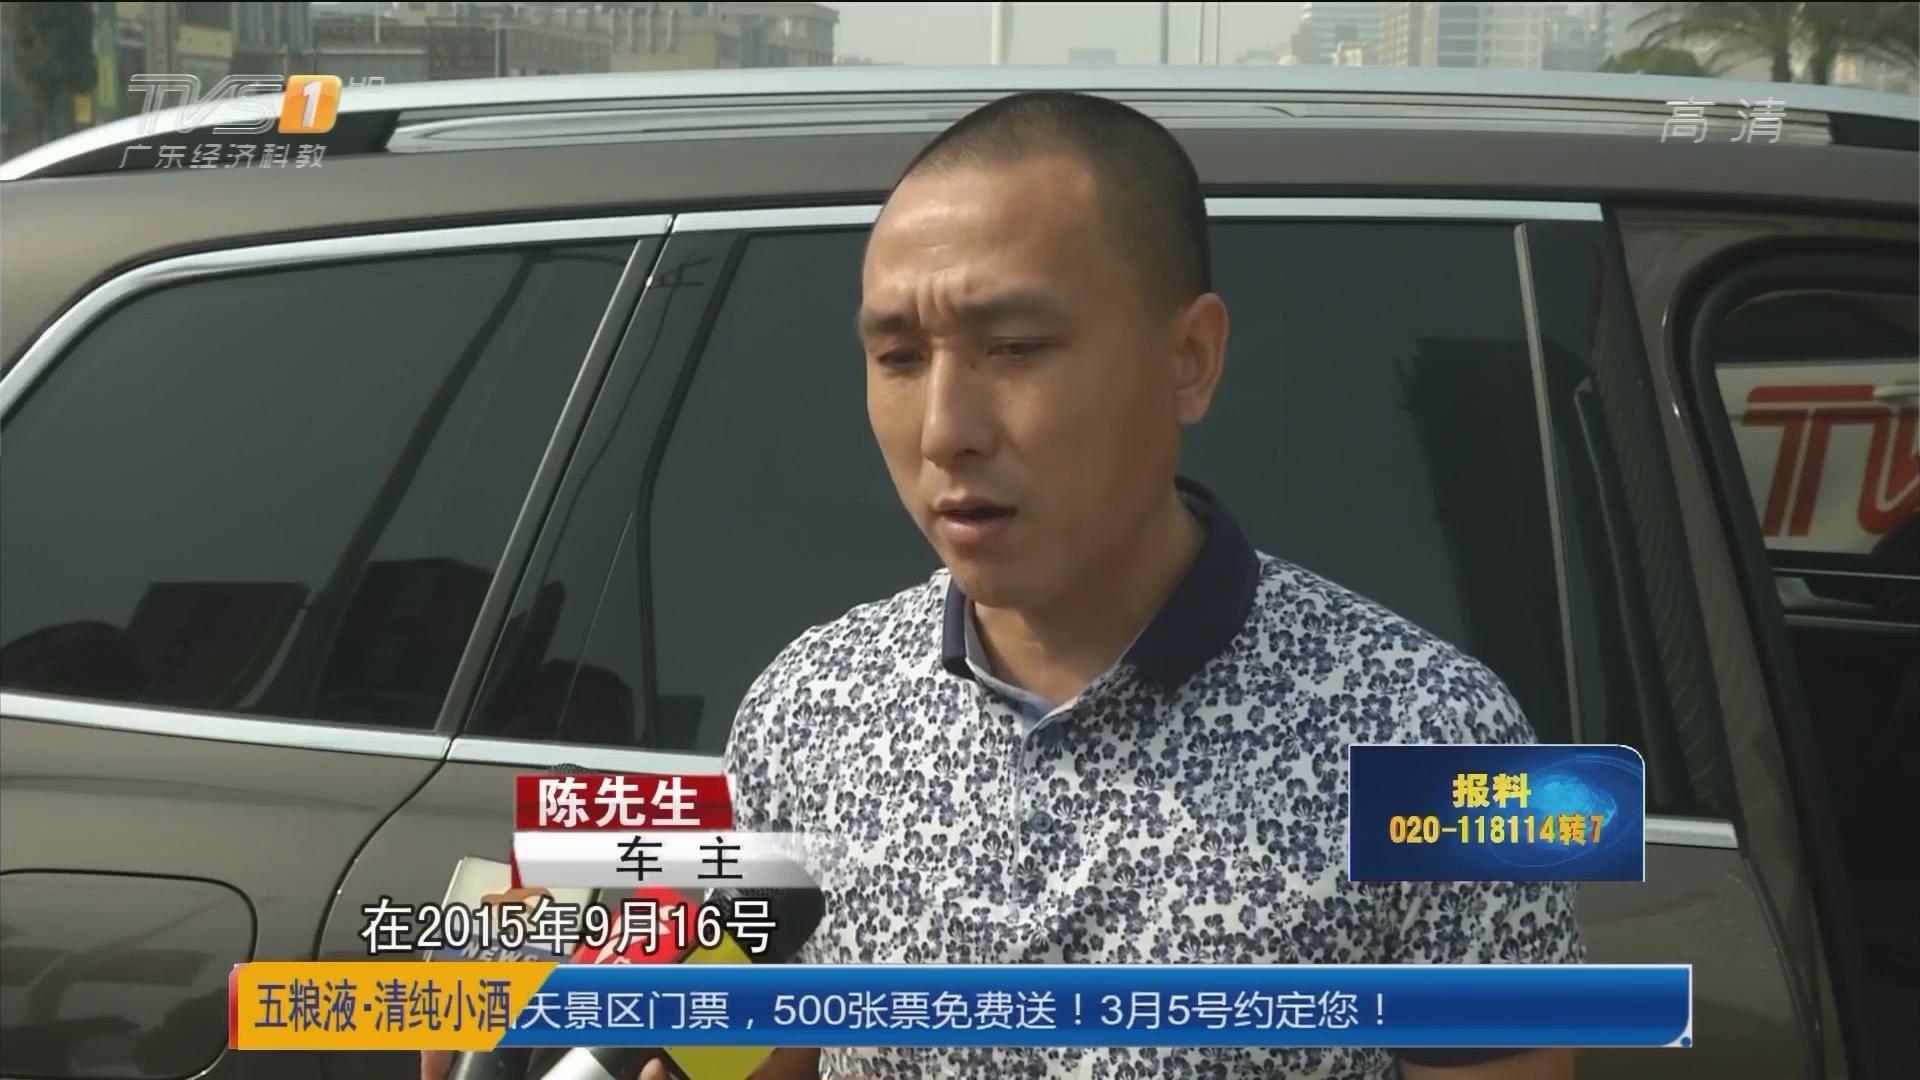 东莞:新车竟有维修记录 里程589公里